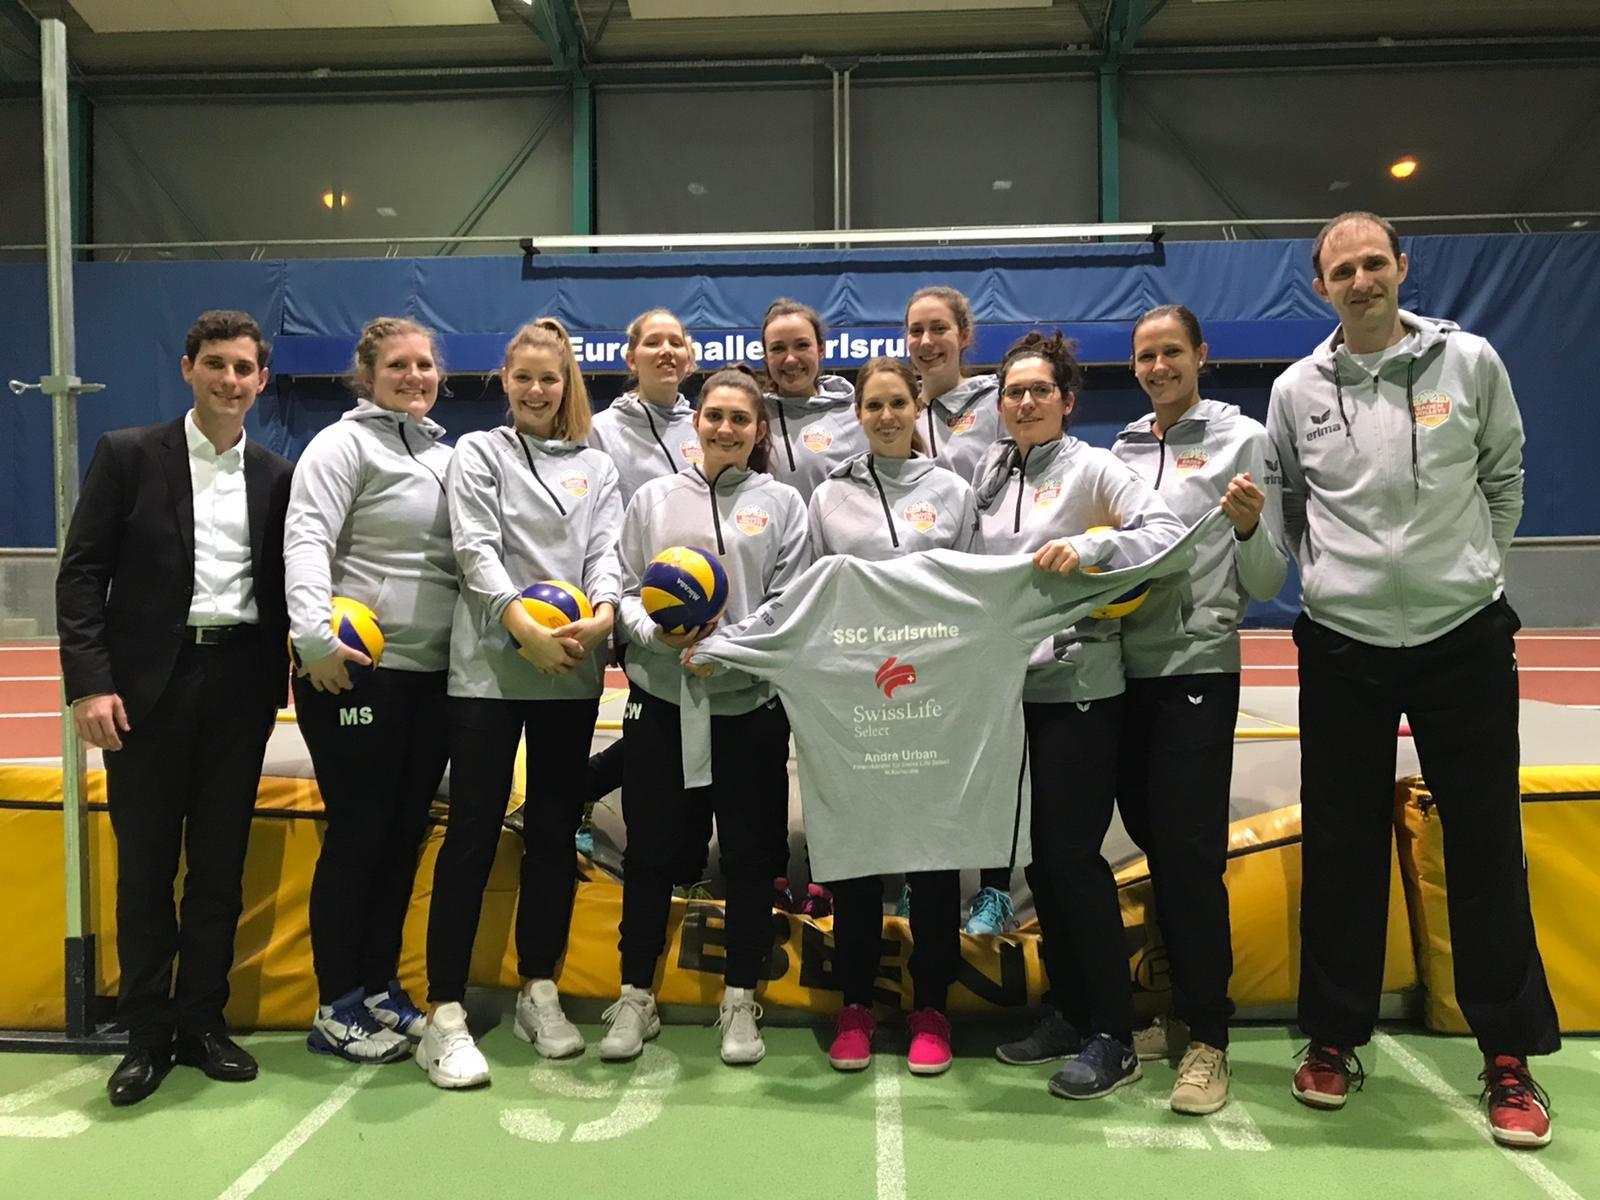 Mannschaftsfoto mit Swisslife